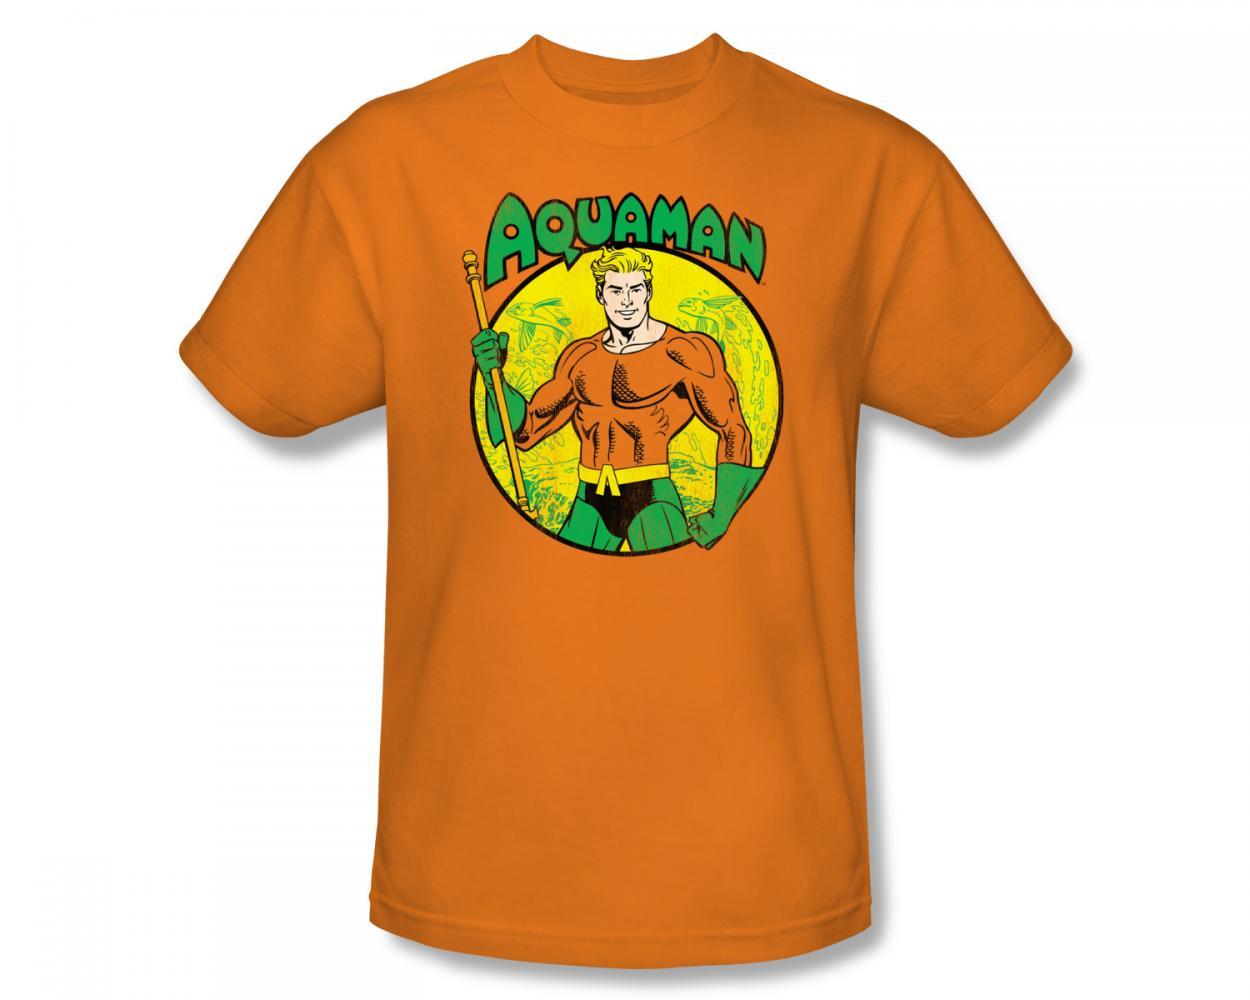 Image of Aquaman - Aquaman Slim Fit Adult T-Shirt In Orange